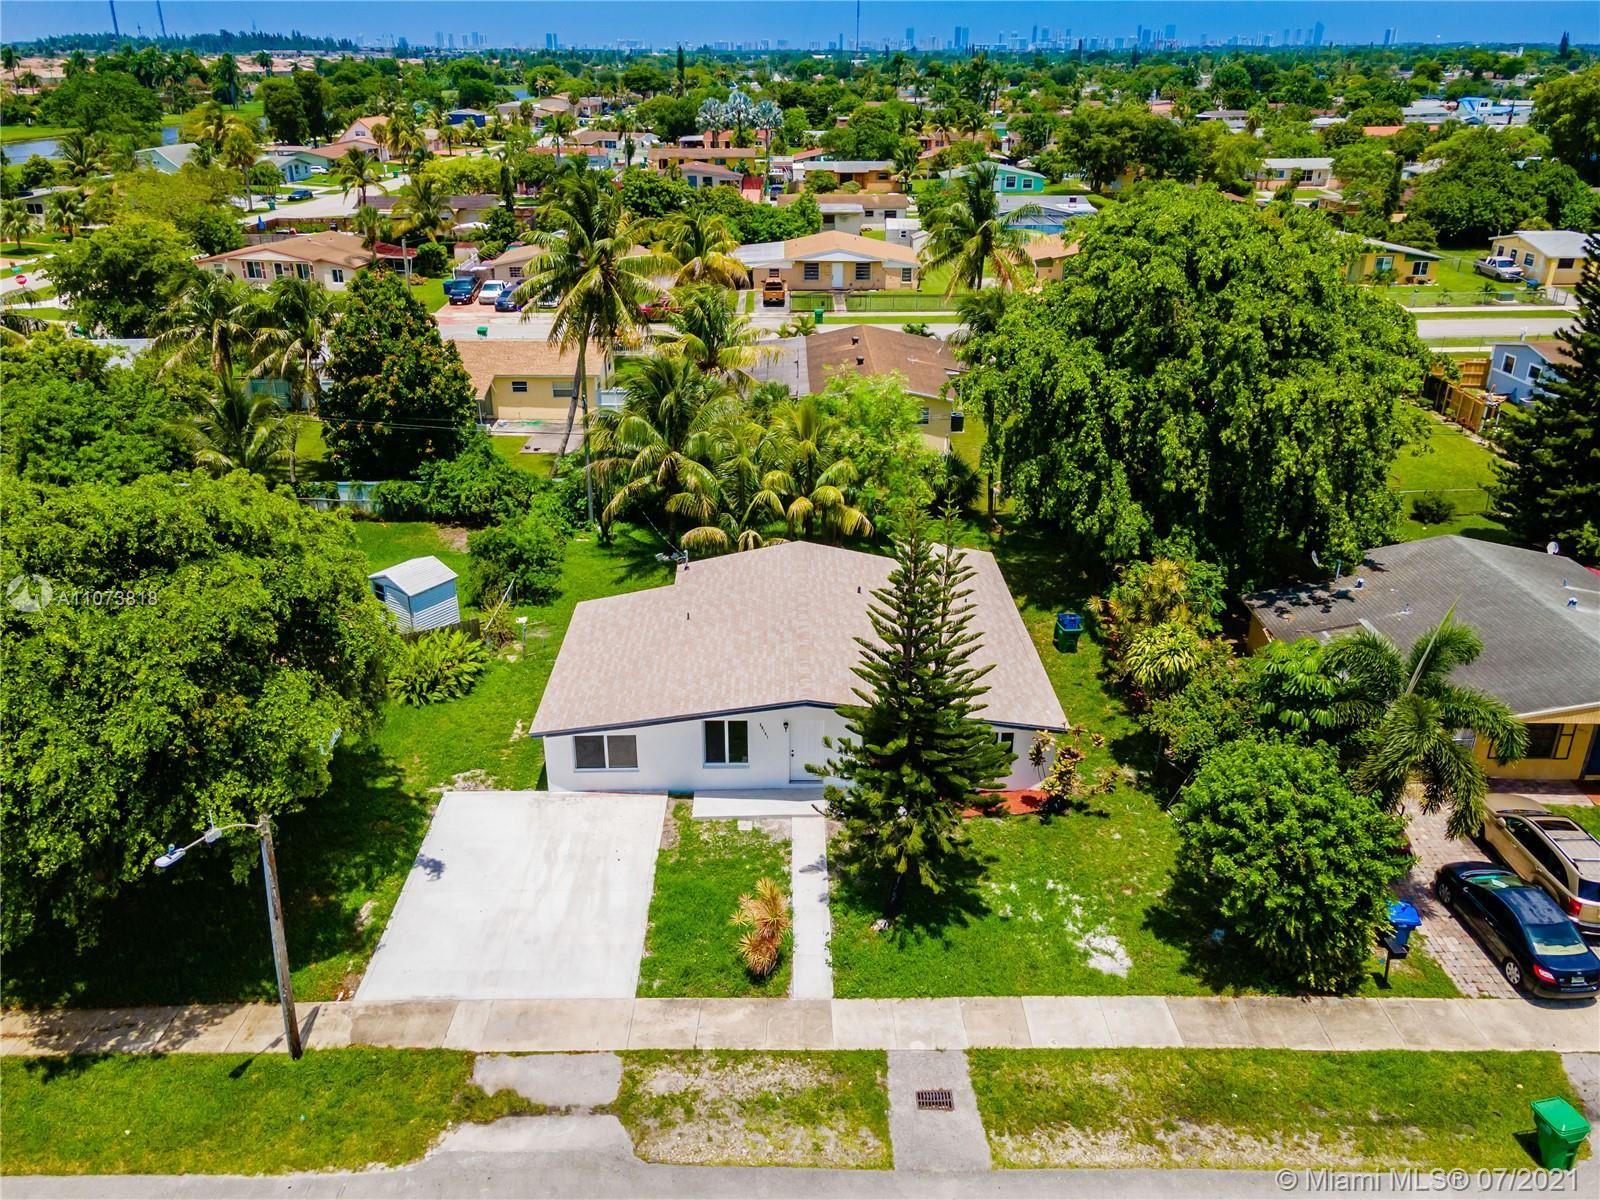 20141 NW 15th Ave, Miami Gardens, FL 33169 - #: A11073818